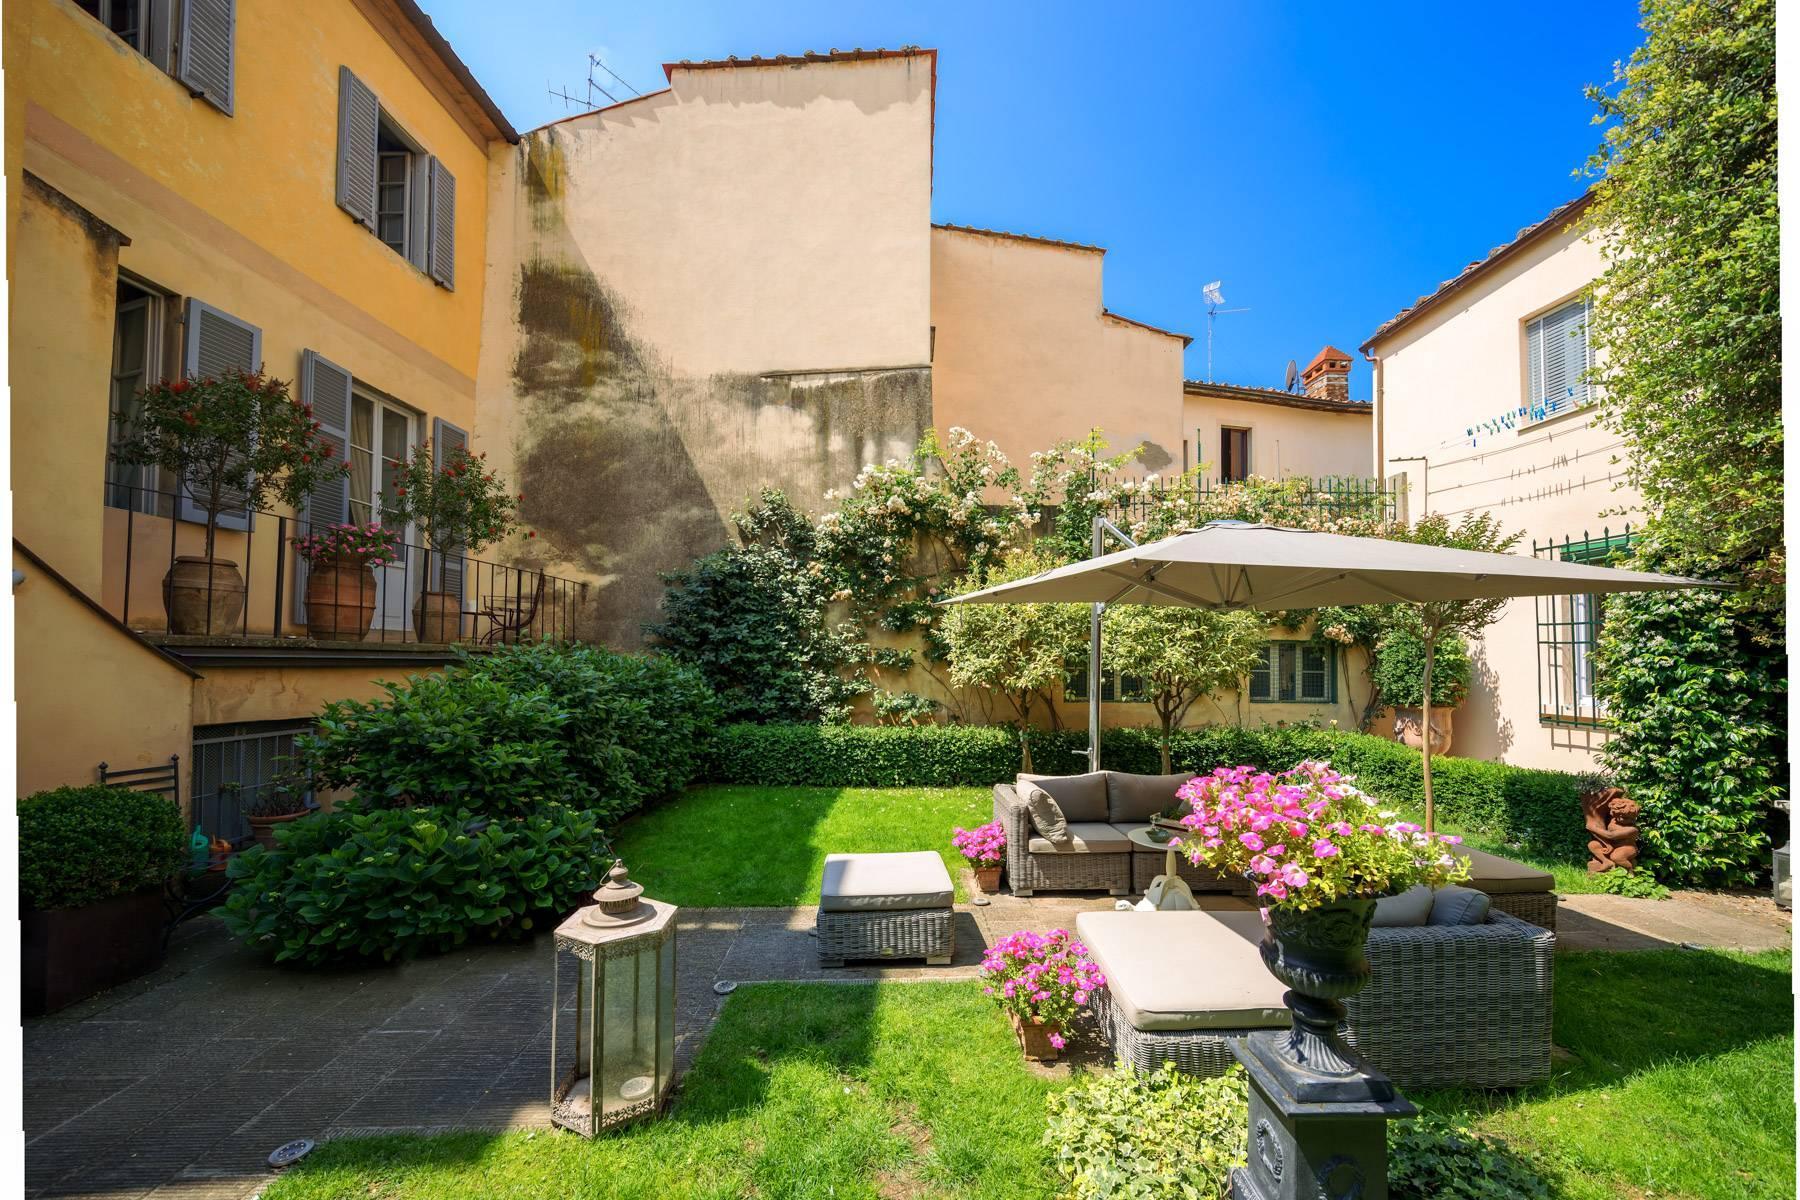 Lussuoso appartamento con giardino - 11